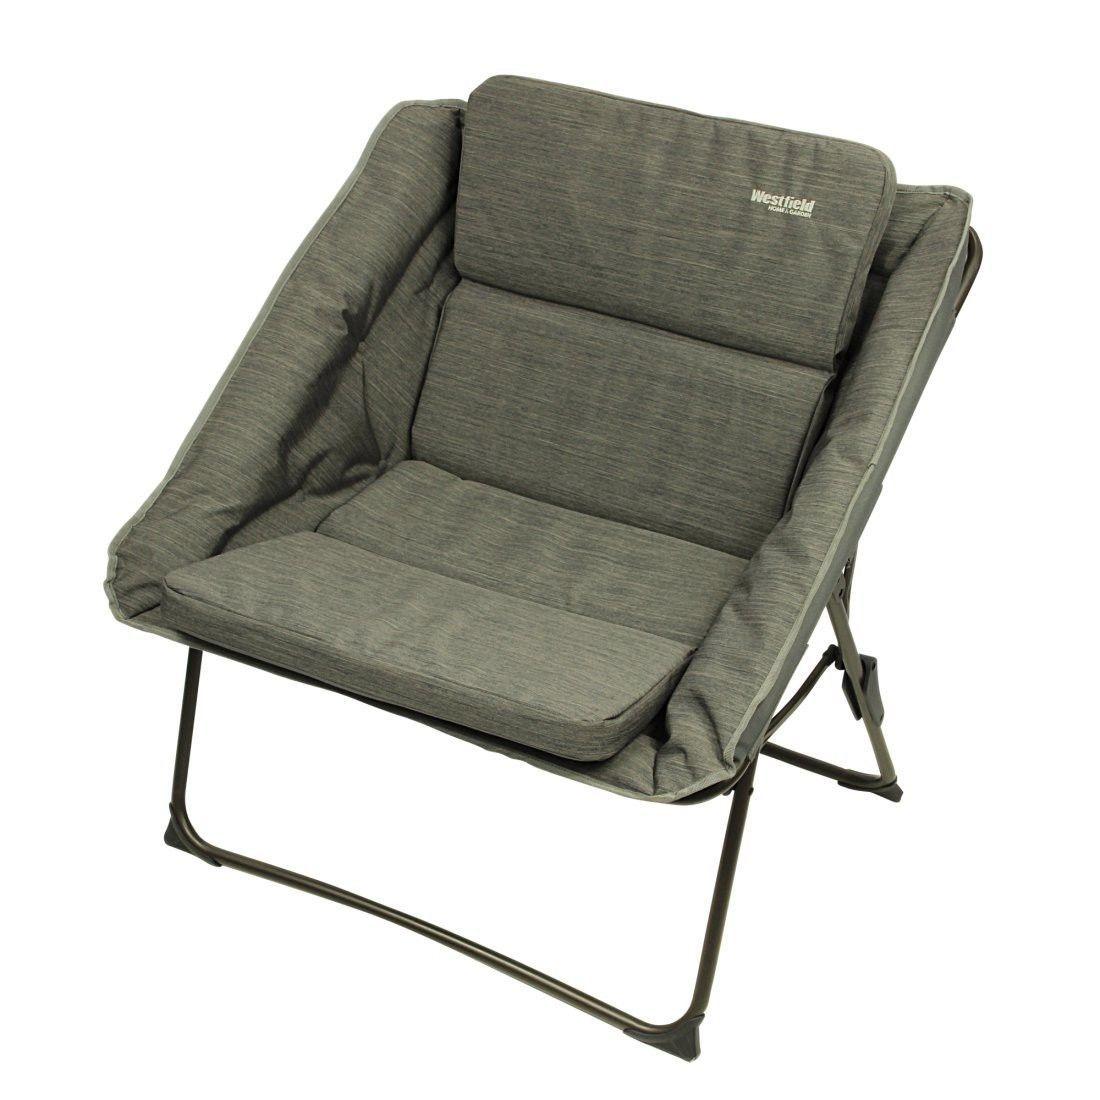 Westfield Marble Xxl Moon Chair Gepolstert Campingstuhl